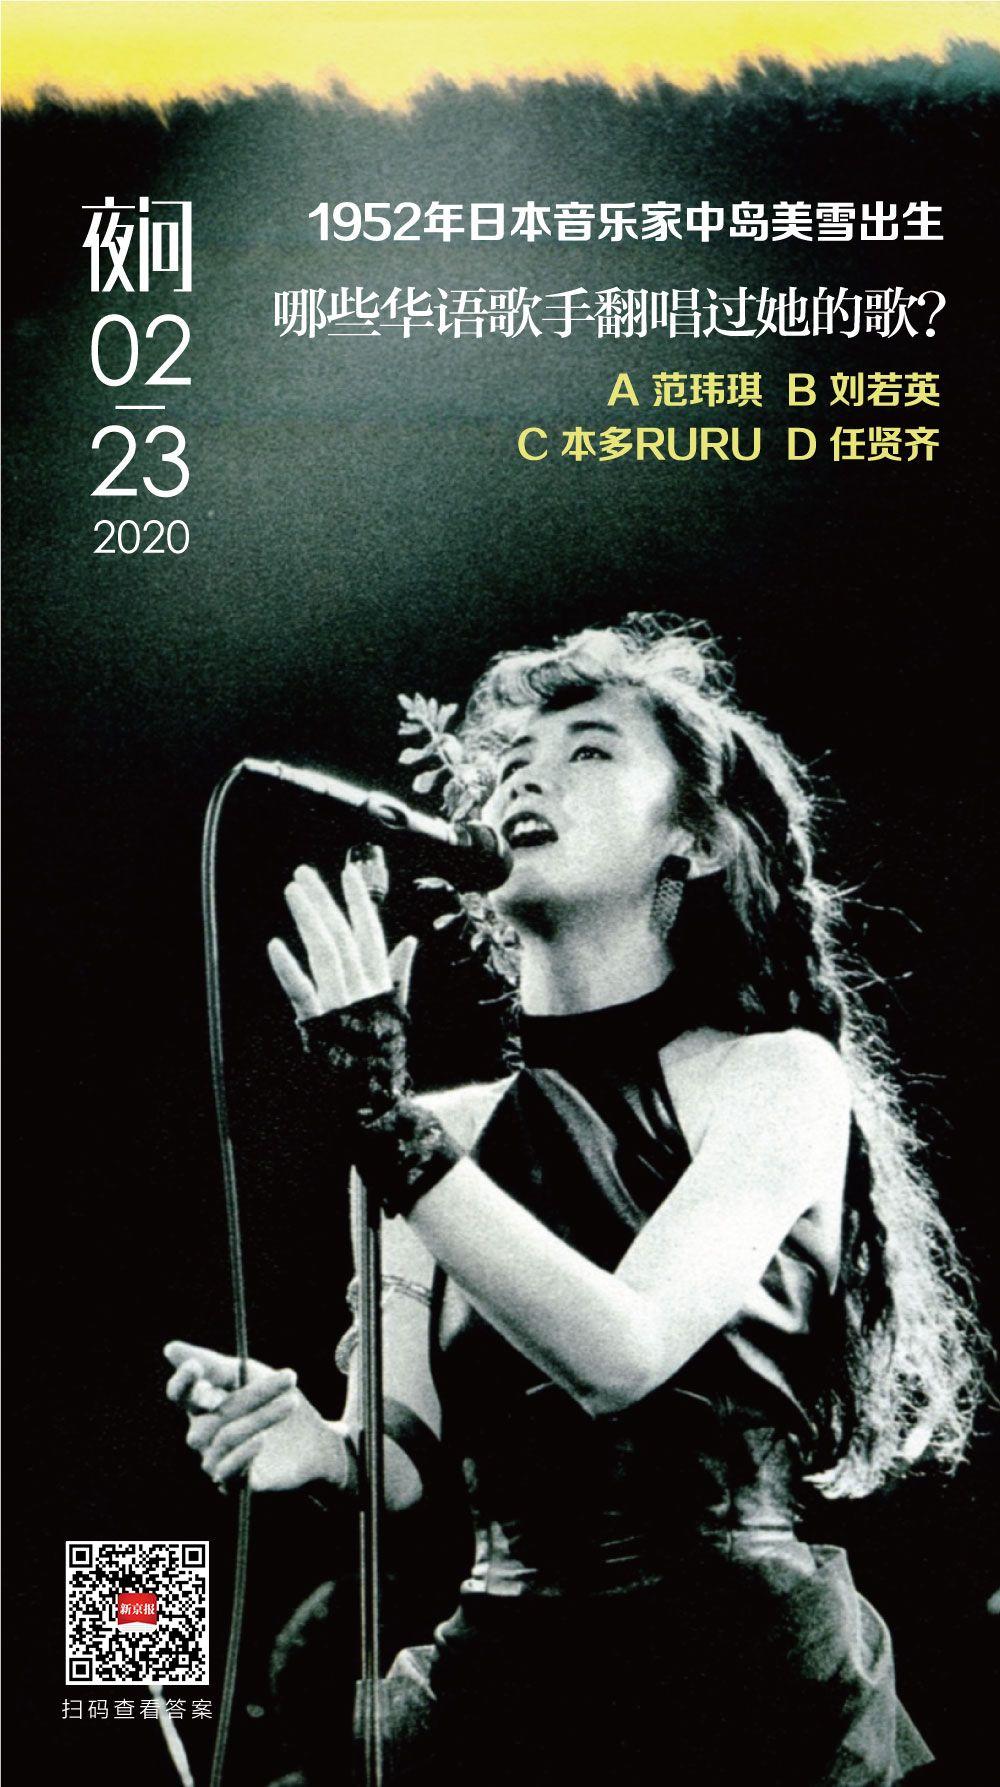 「恒行」北海道的她作品滋养着曾经恒行的华语乐图片